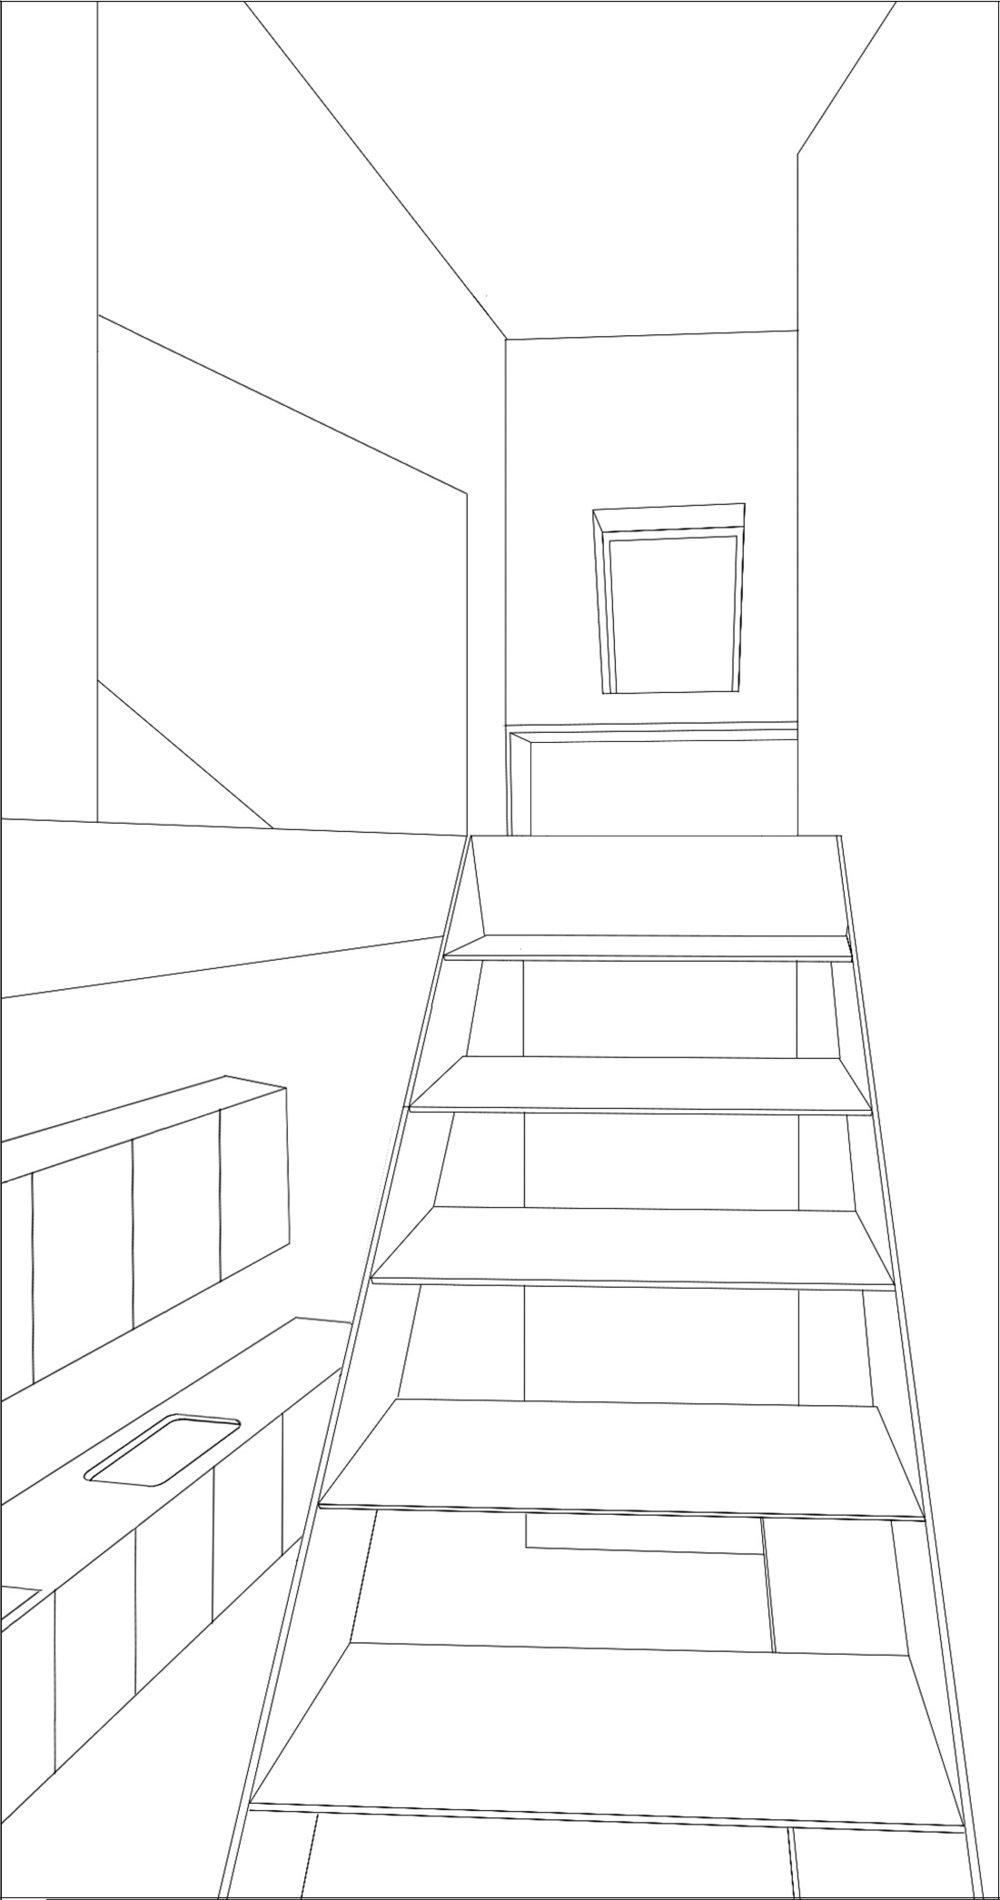 321 - Interiorview_6CROP_copy.jpg